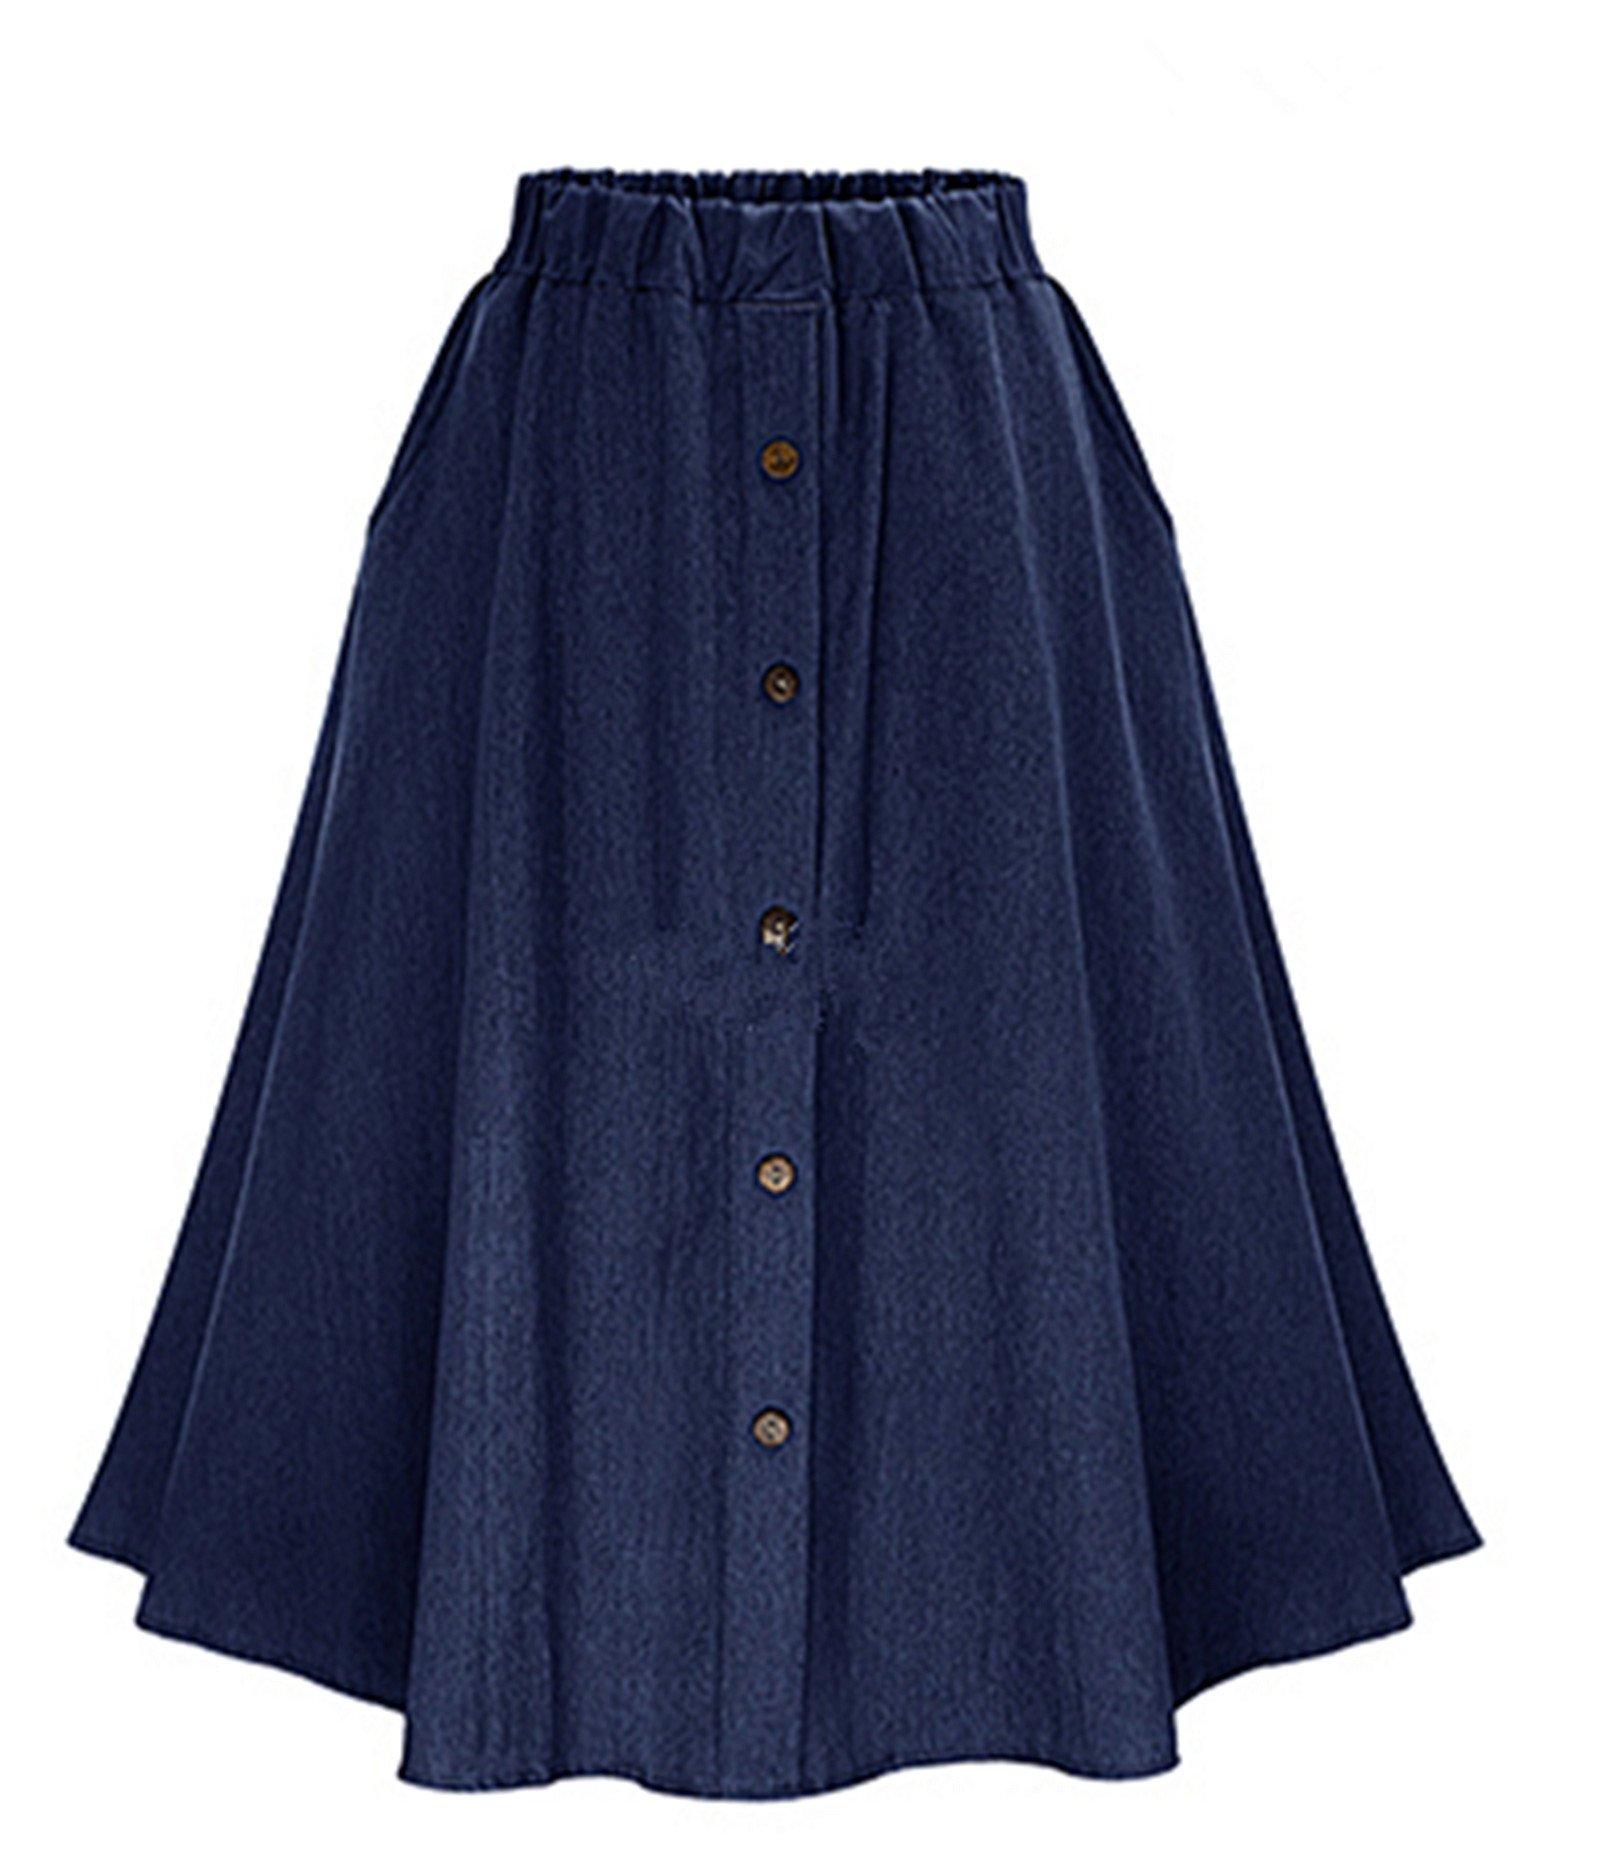 GALMINT Women's Elastic Waist A-Line Plus Size Knee Length Flared Skater Denim Skirt Blue